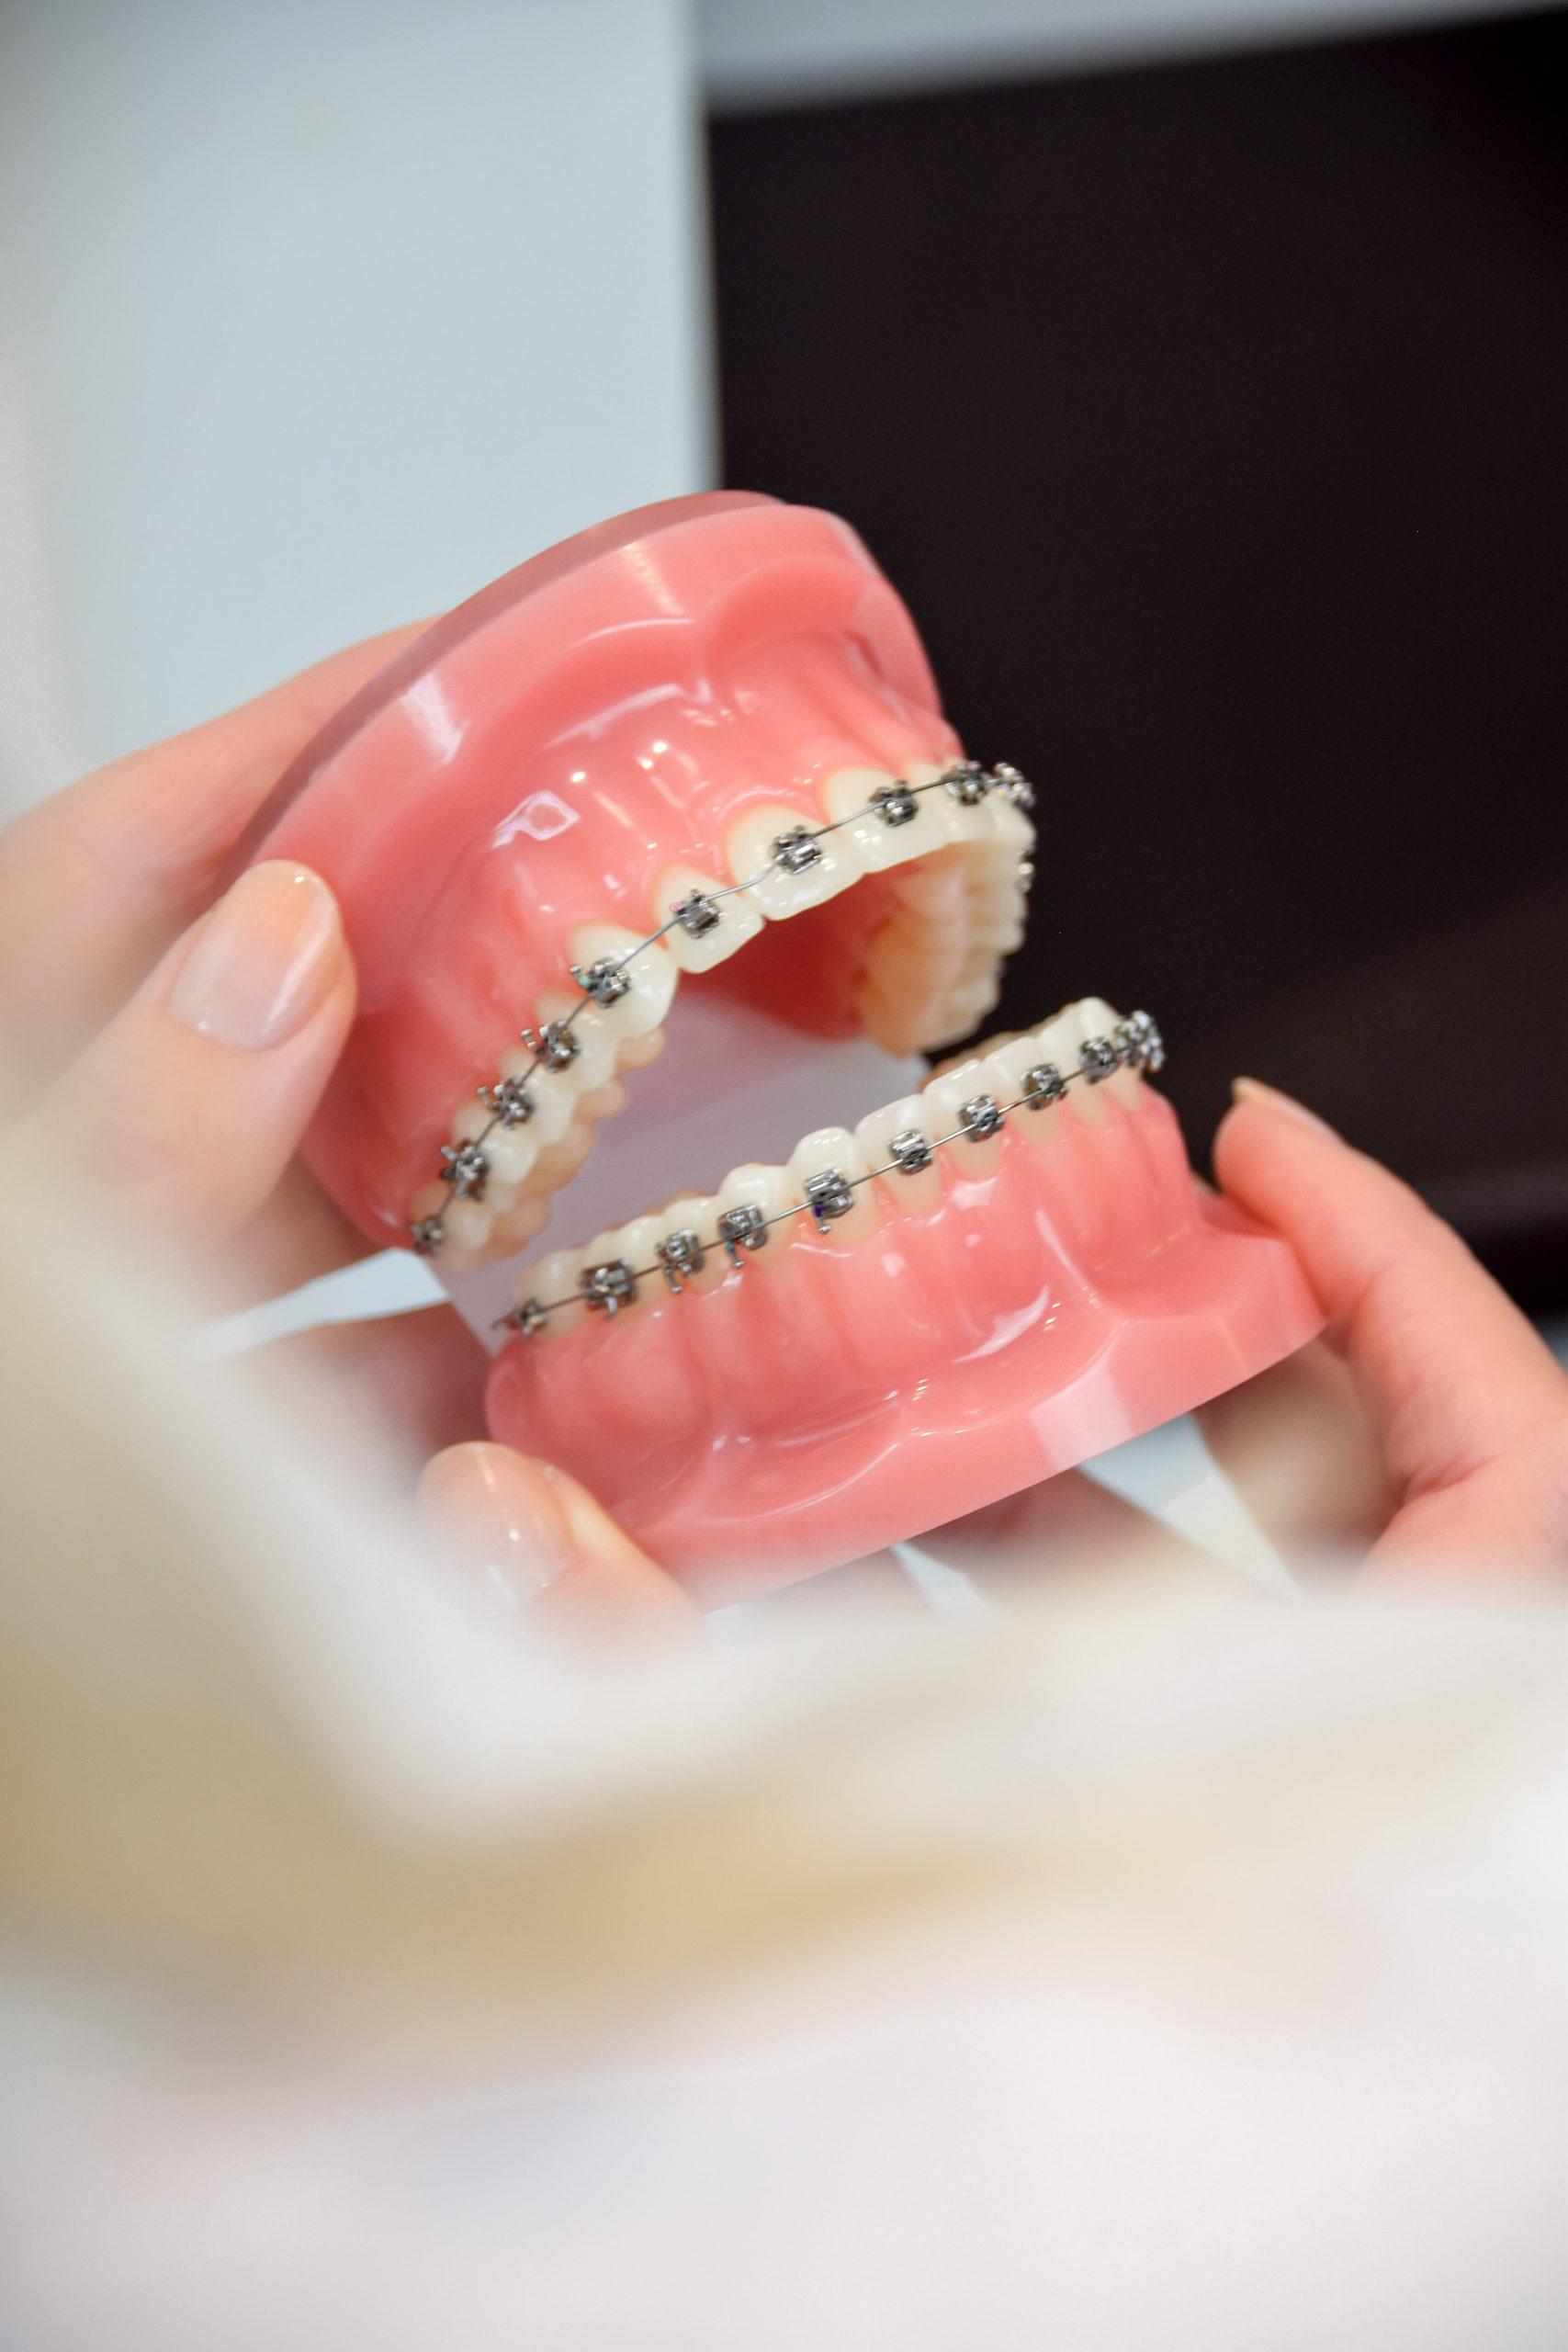 Anschauungsmodell für festsitzende Zahnspangen